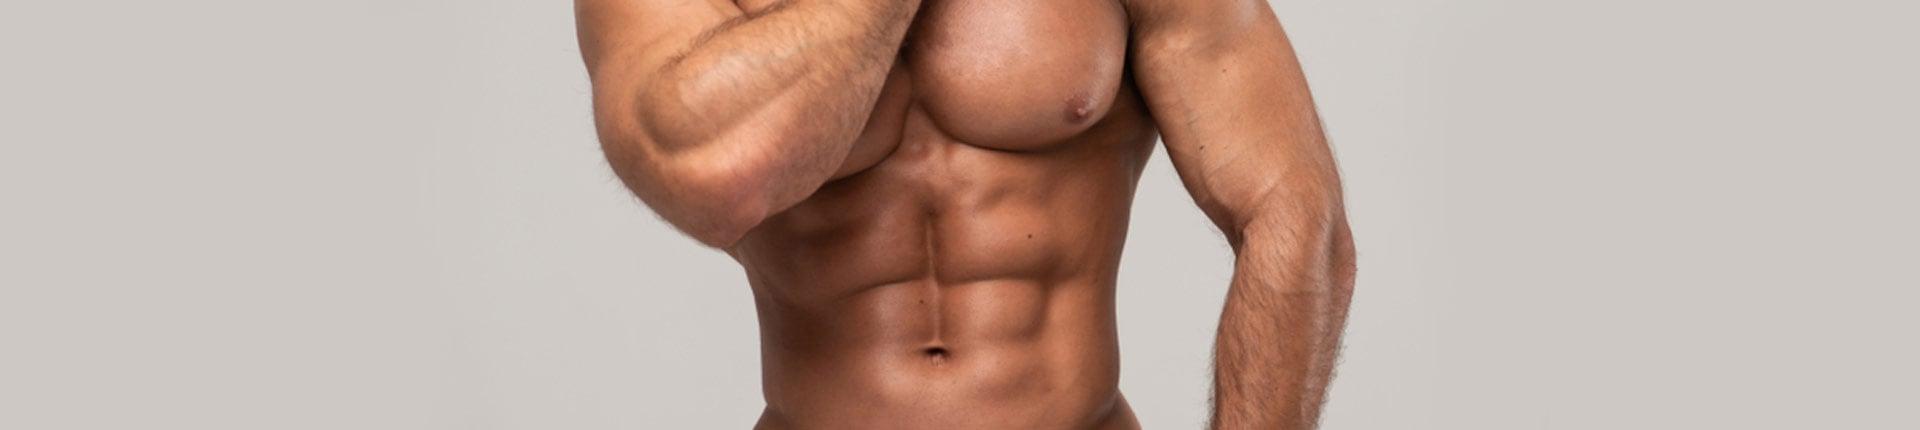 4 ćwiczenia na brzuch, które nie obciążają pleców